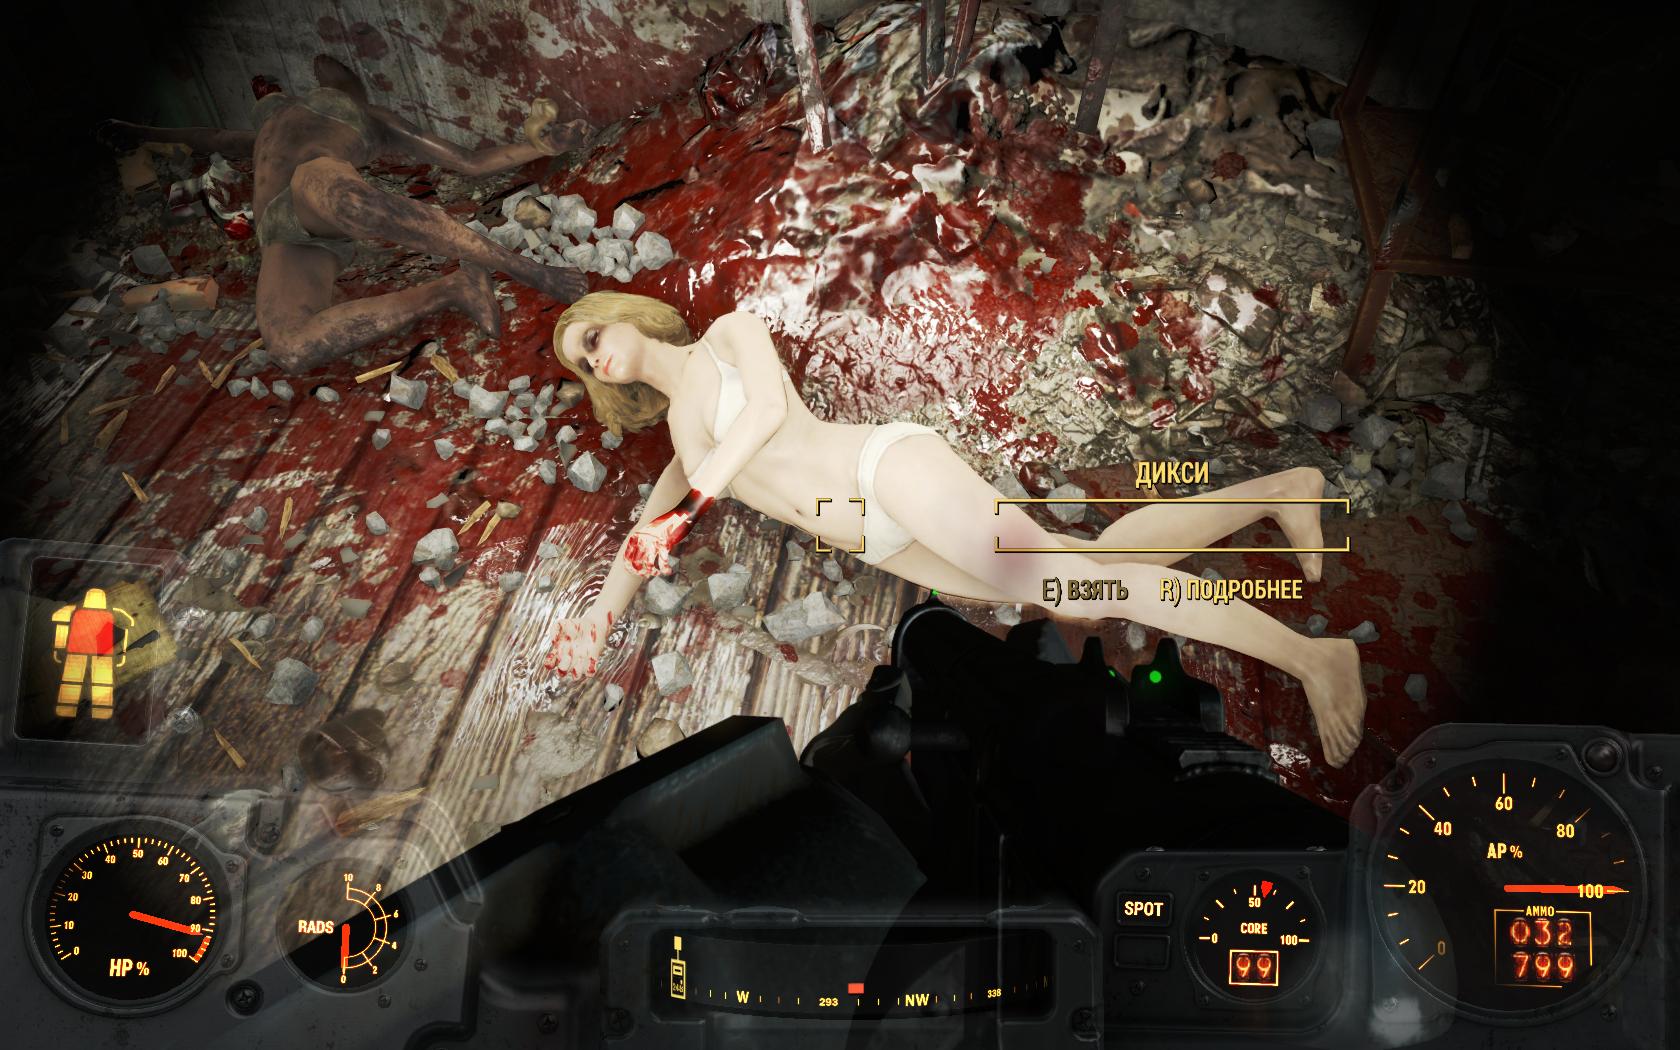 Убийство всех рейдеров - Дикси (Ядер-Мир) - Fallout 4 Nuka-World, Адепты, Дикси, Рейдер, Ядер-Мир